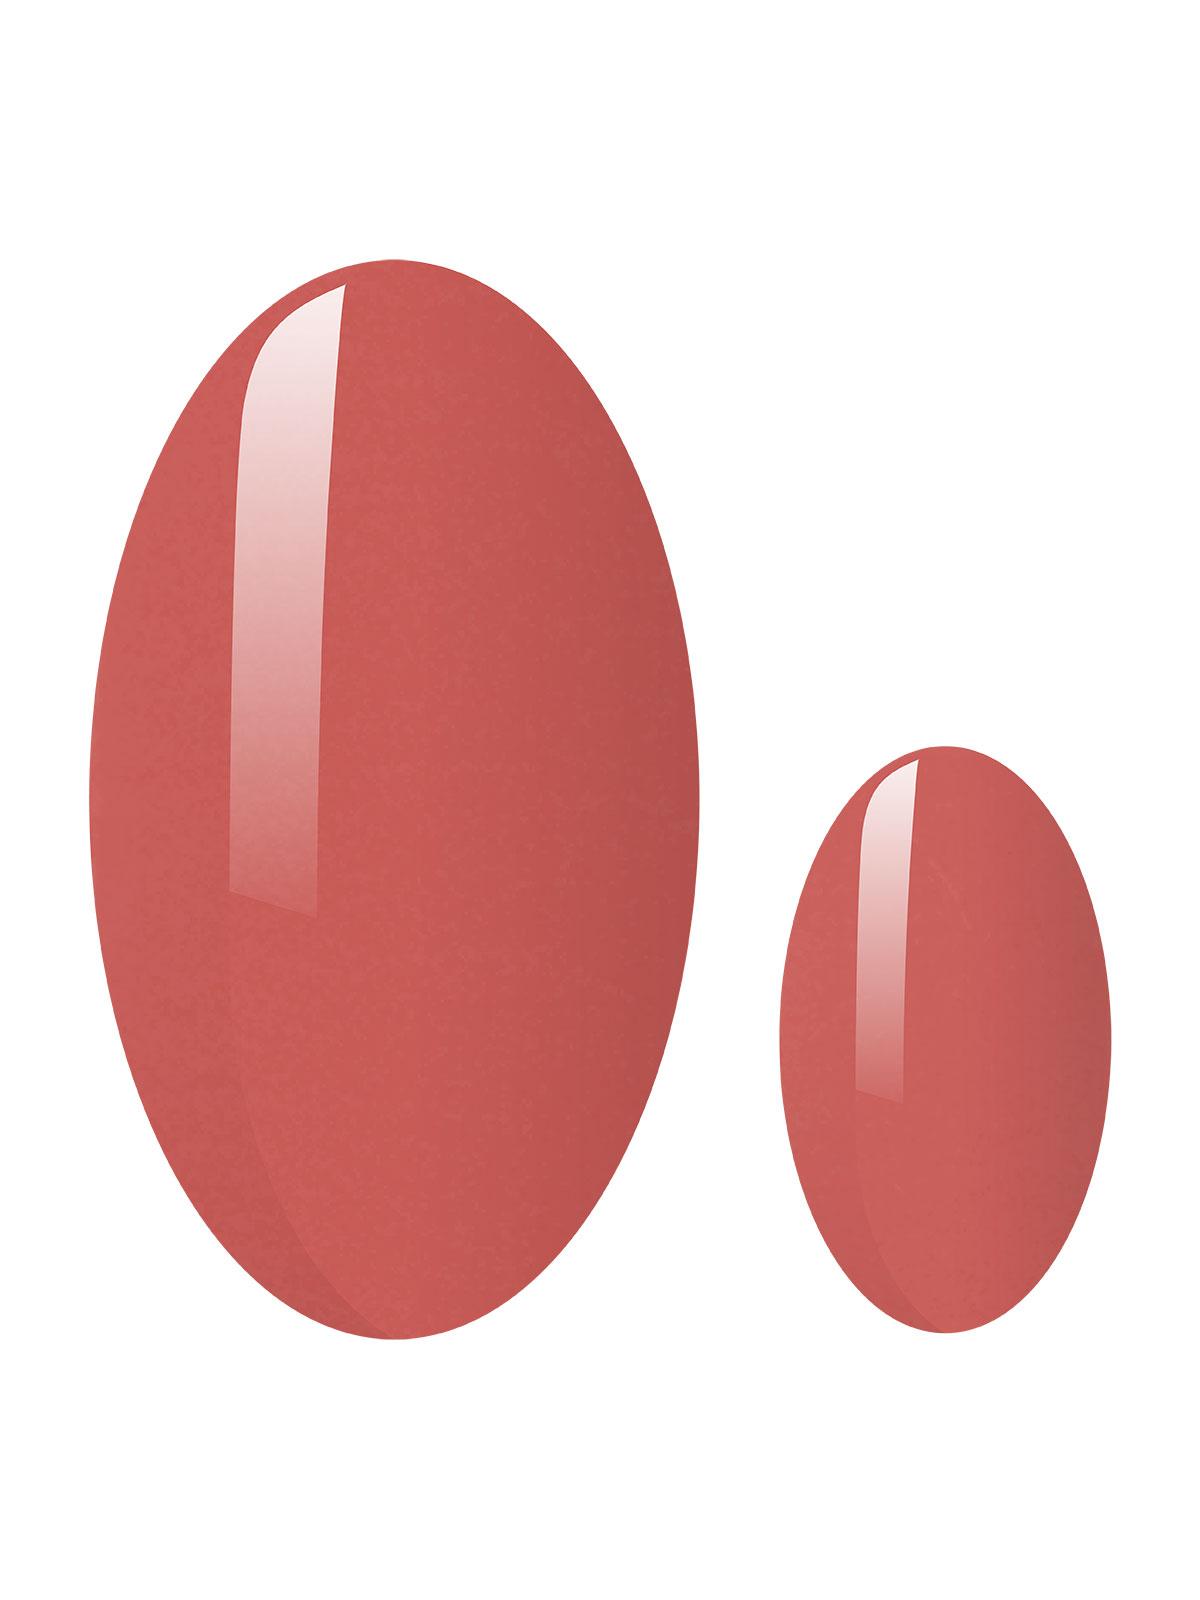 TENACIOUS red NAGELFOLIEN